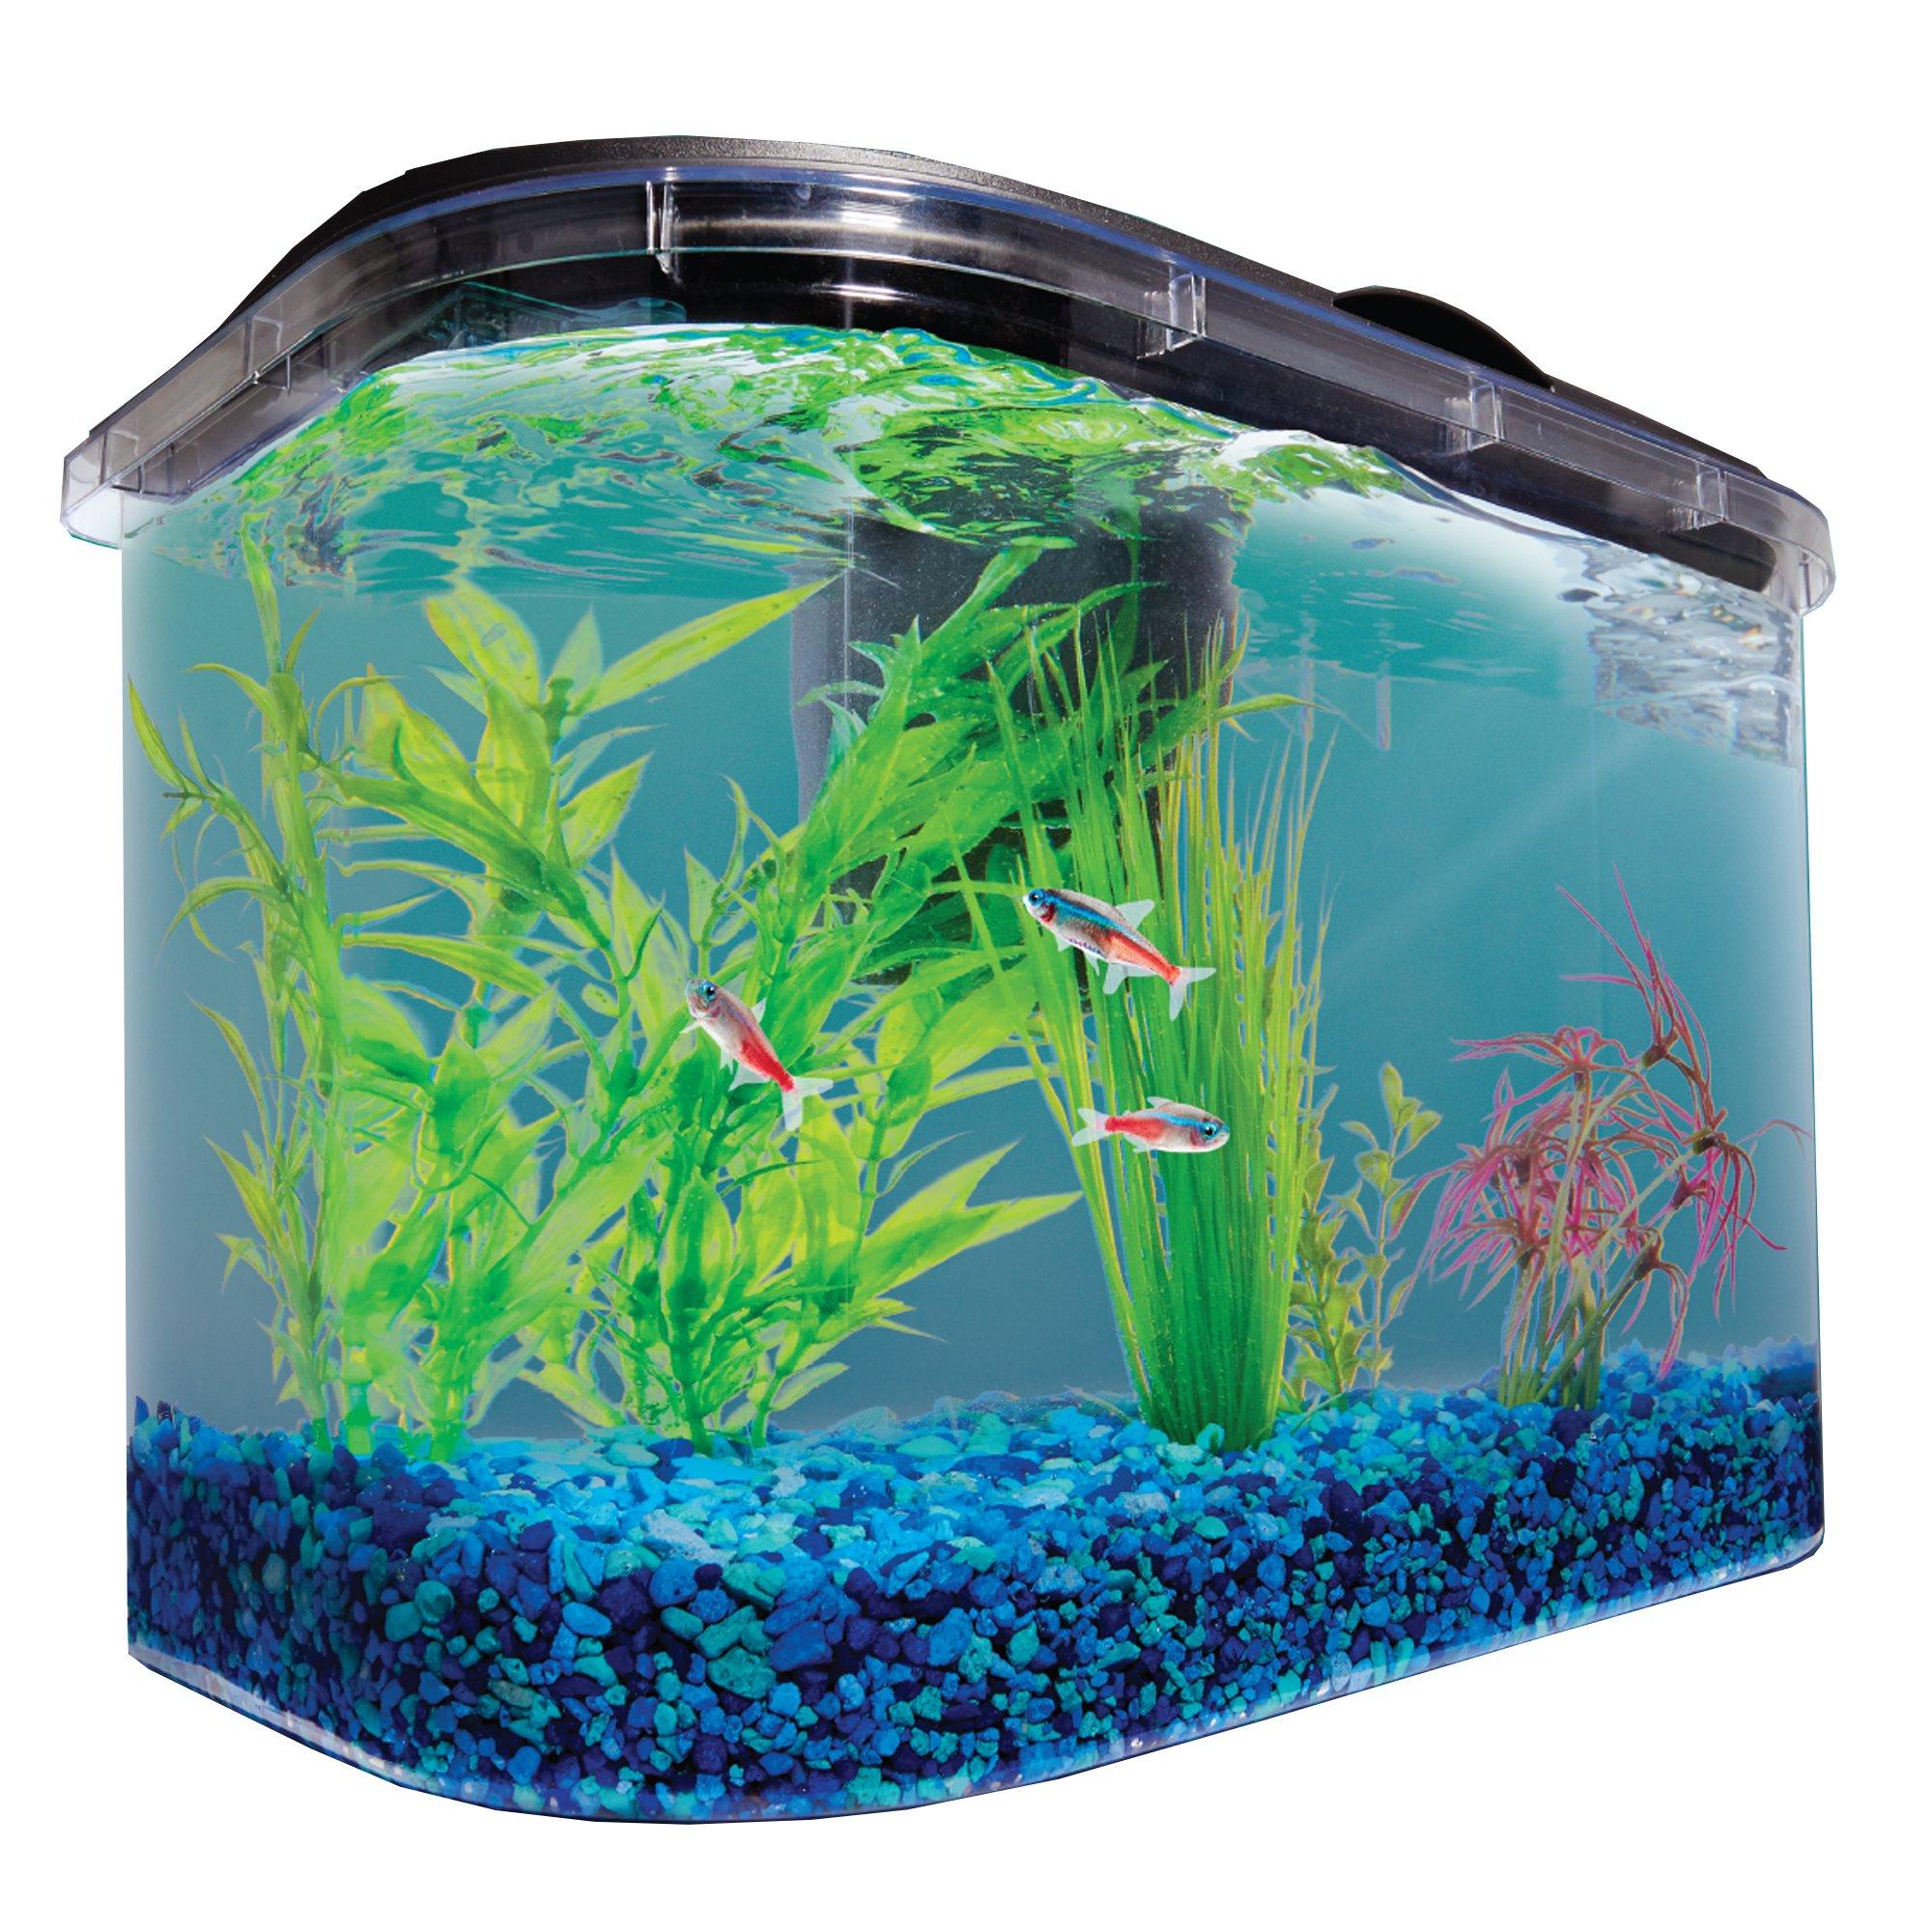 Imagitarium freshwater aquarium petco for One gallon fish tank